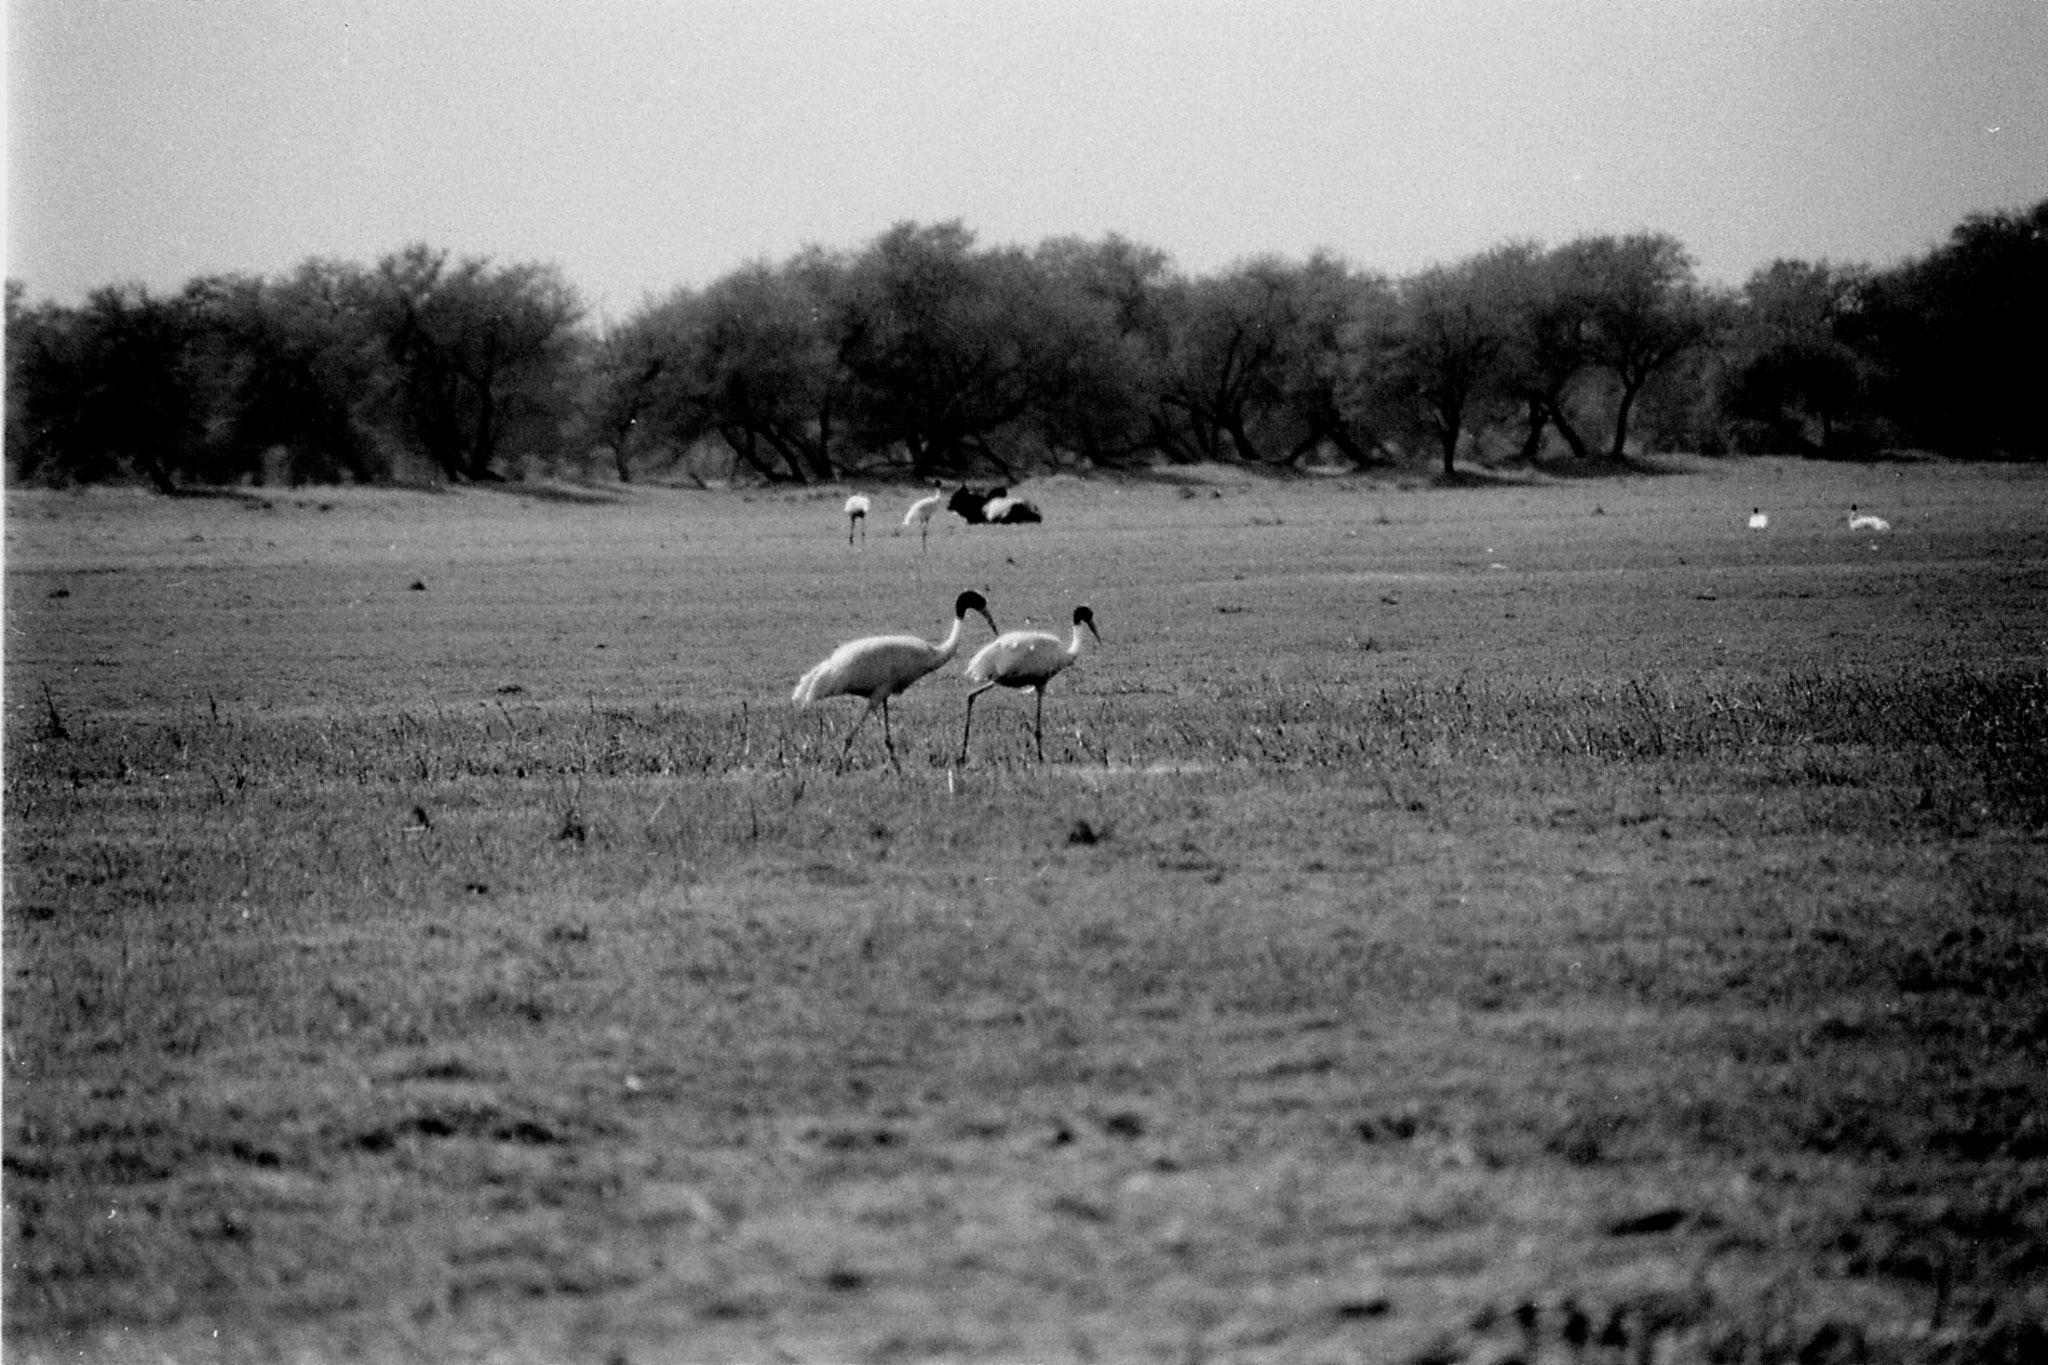 1/4/1990: 14: Bharatpur Two Sarus cranes